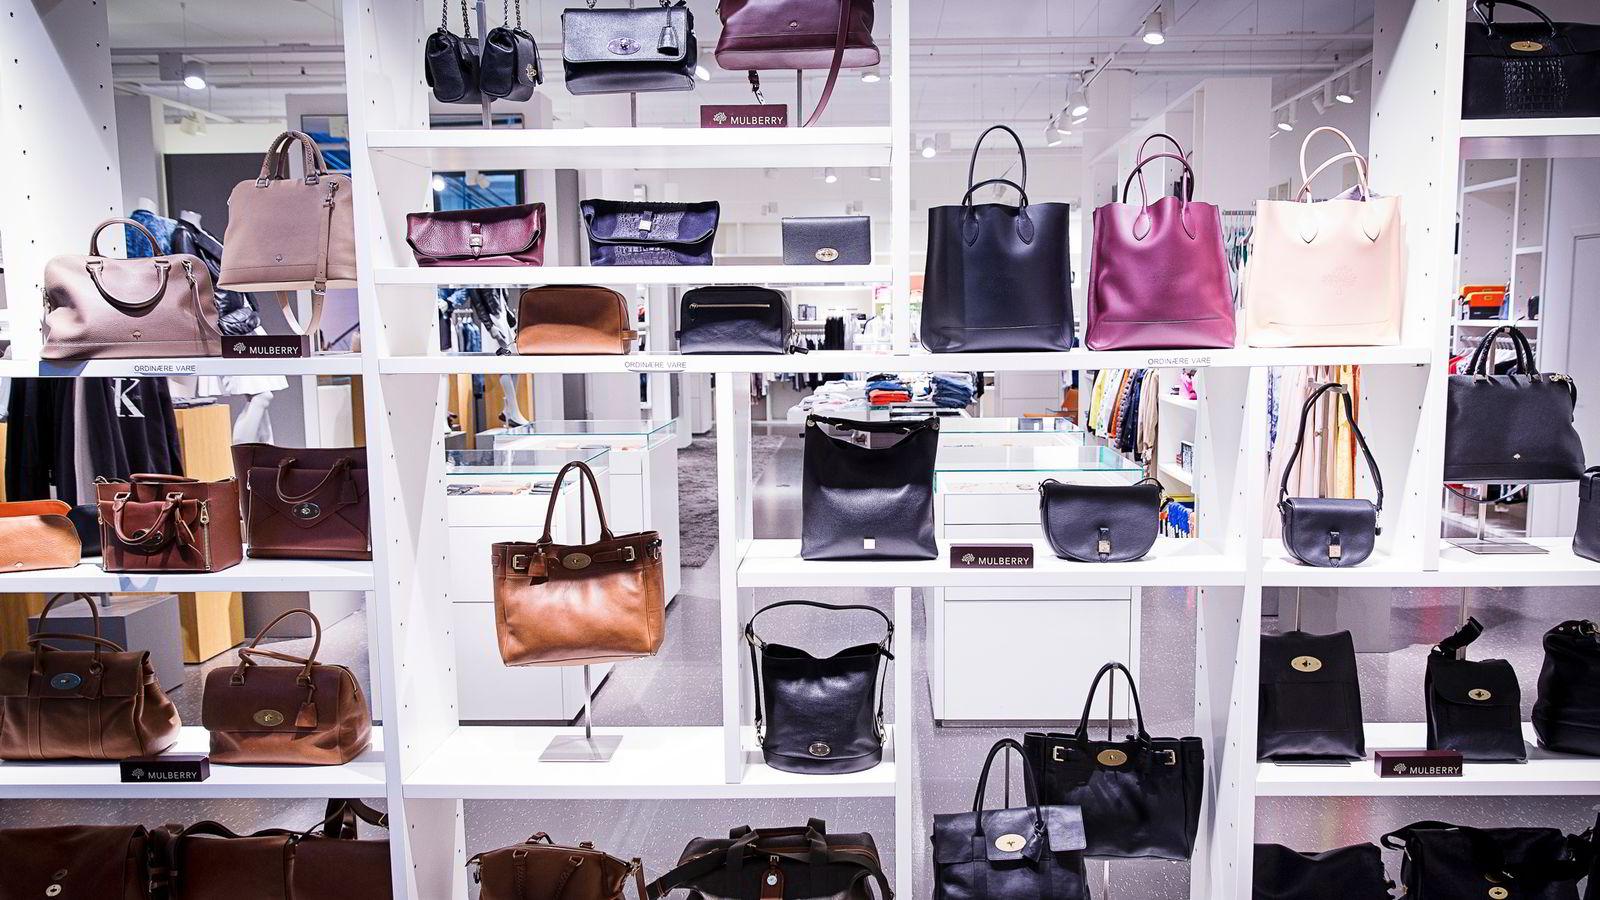 IDENTITET: Luksusprodukter hjelper oss til å skape personlighetsinntrykkene vi ønsker oss, tror førsteamanuensis.